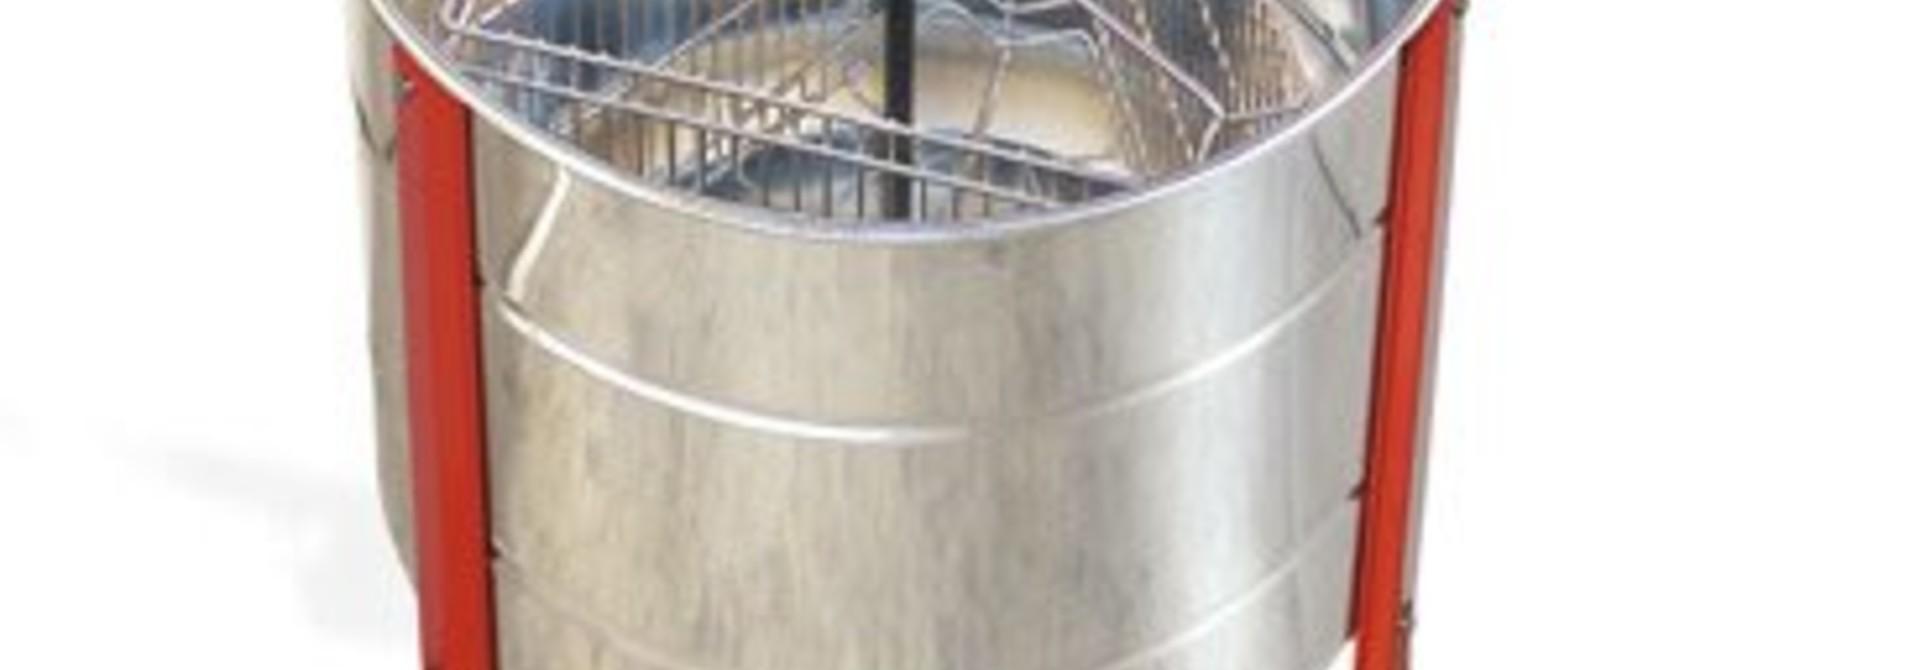 Honingslinger NIBBIO - manueel